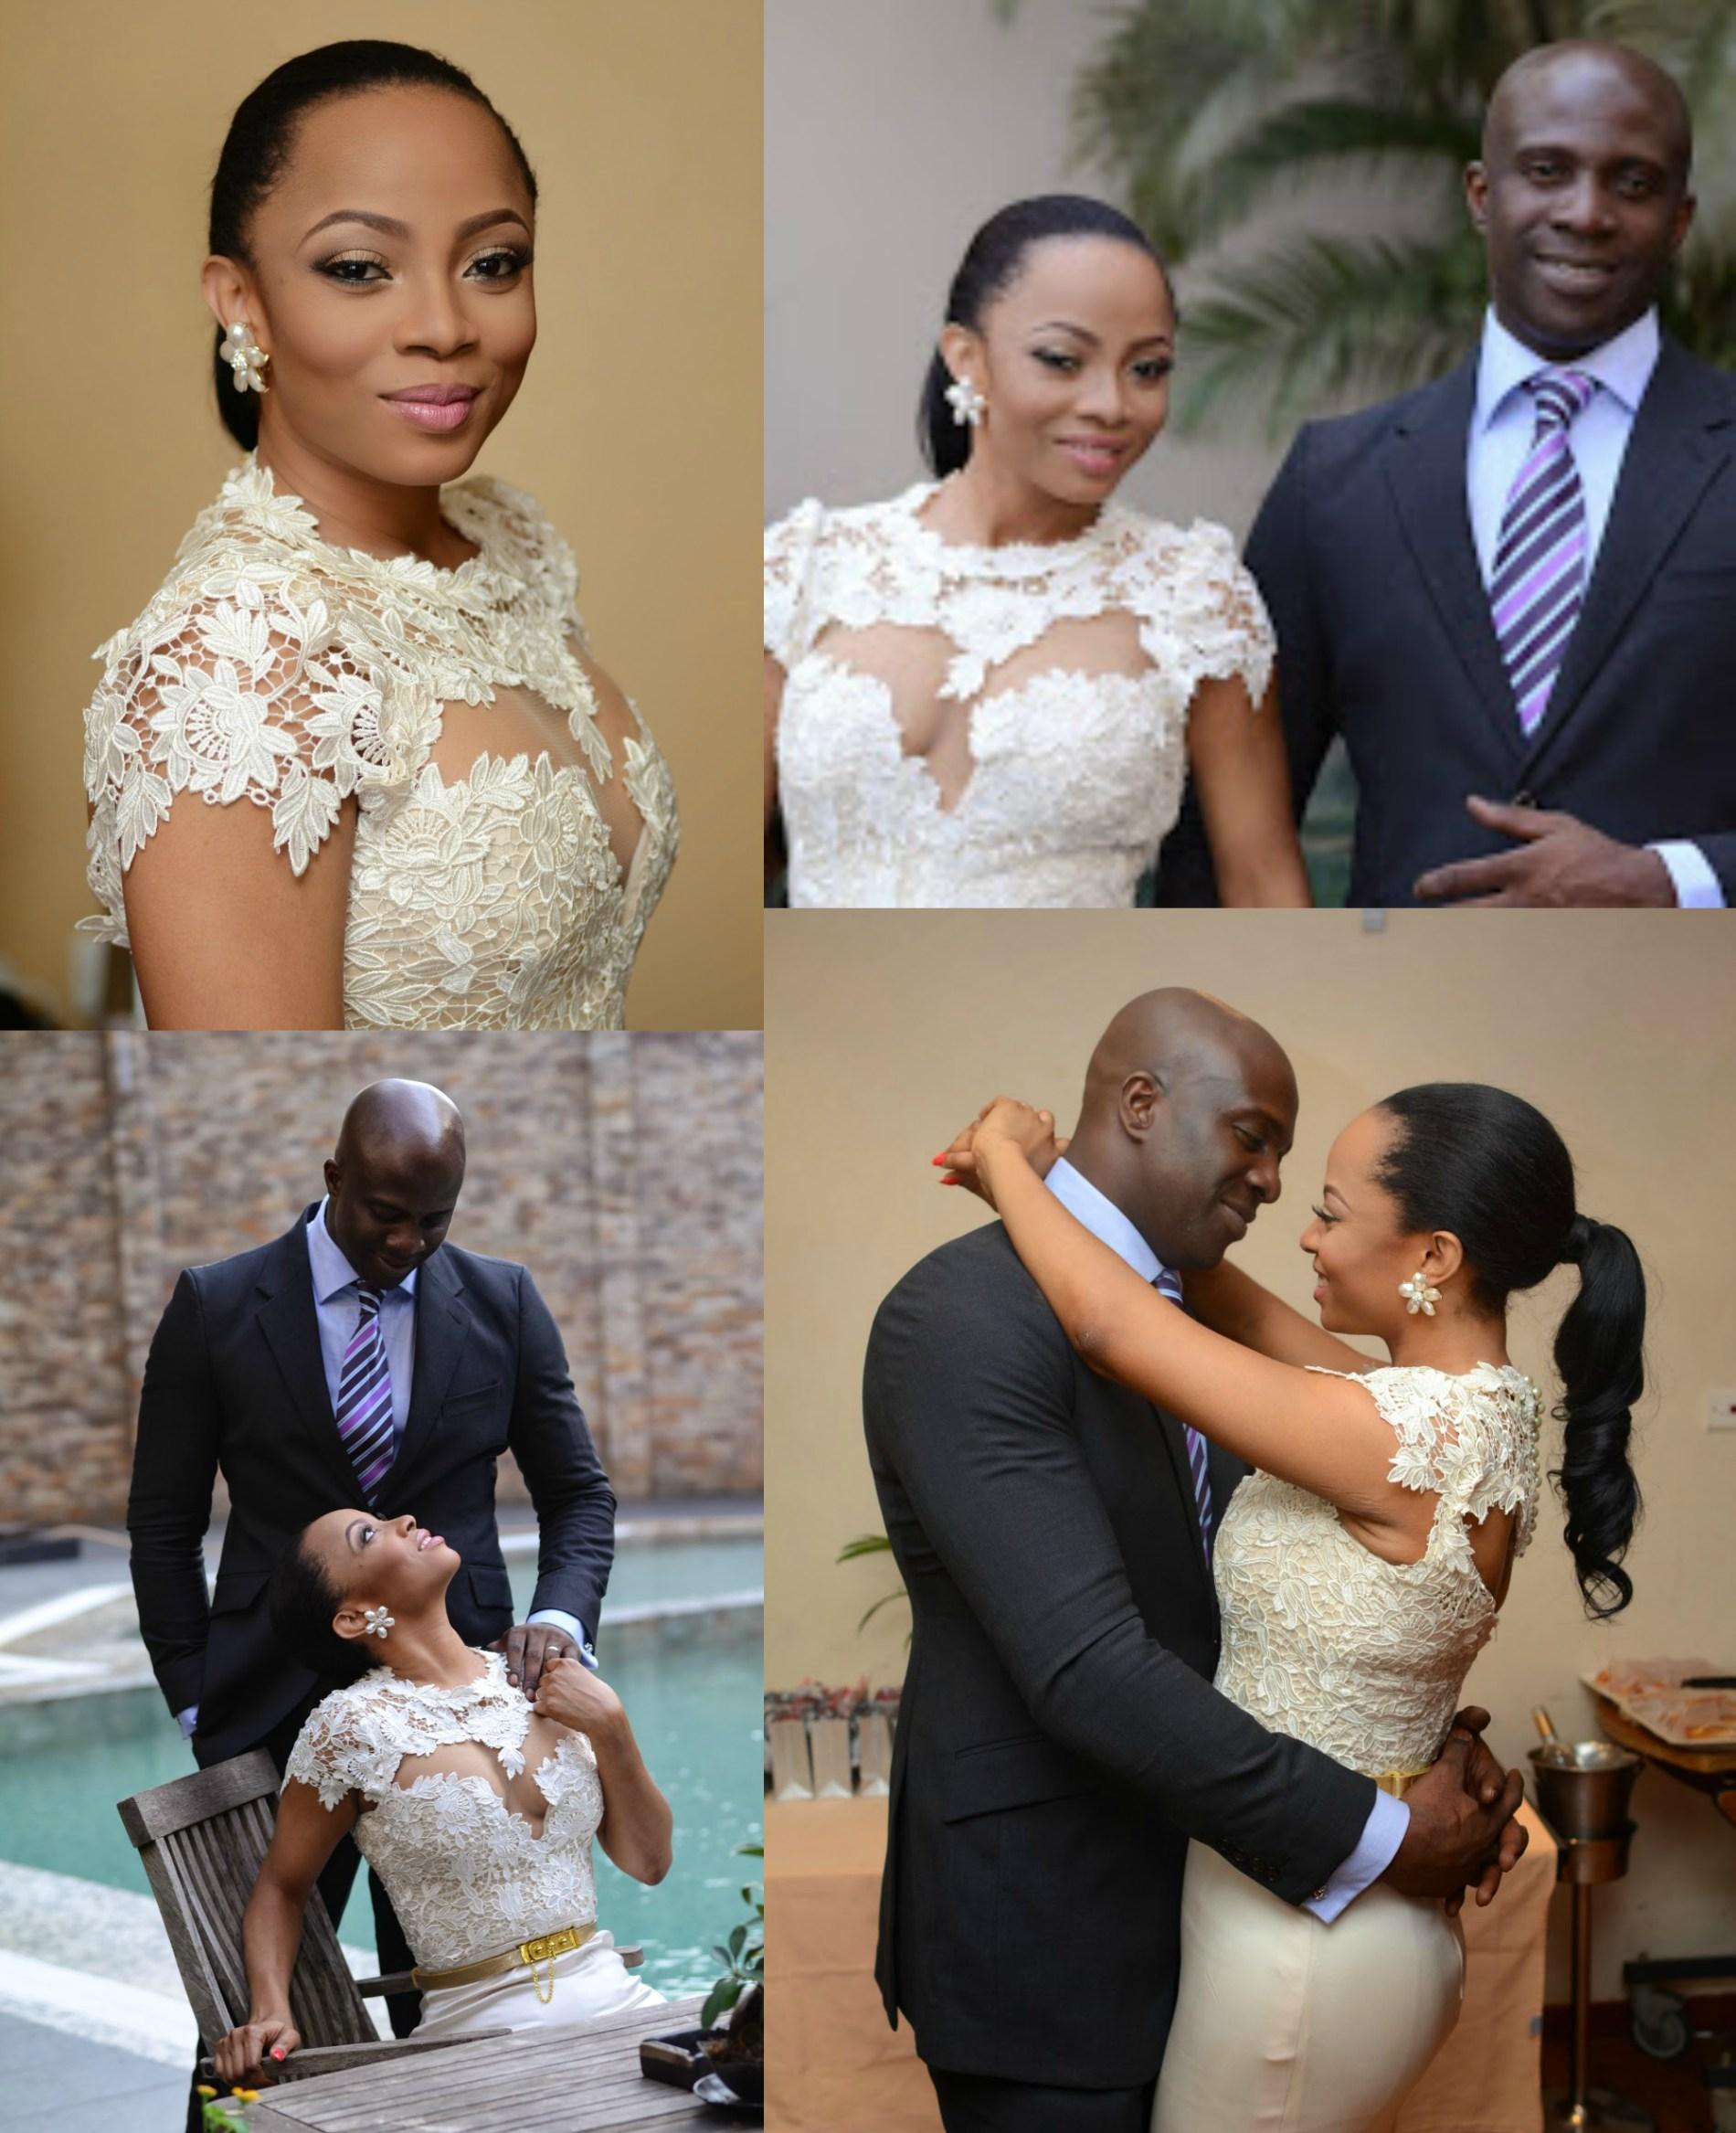 toke makinwa's wedding photos